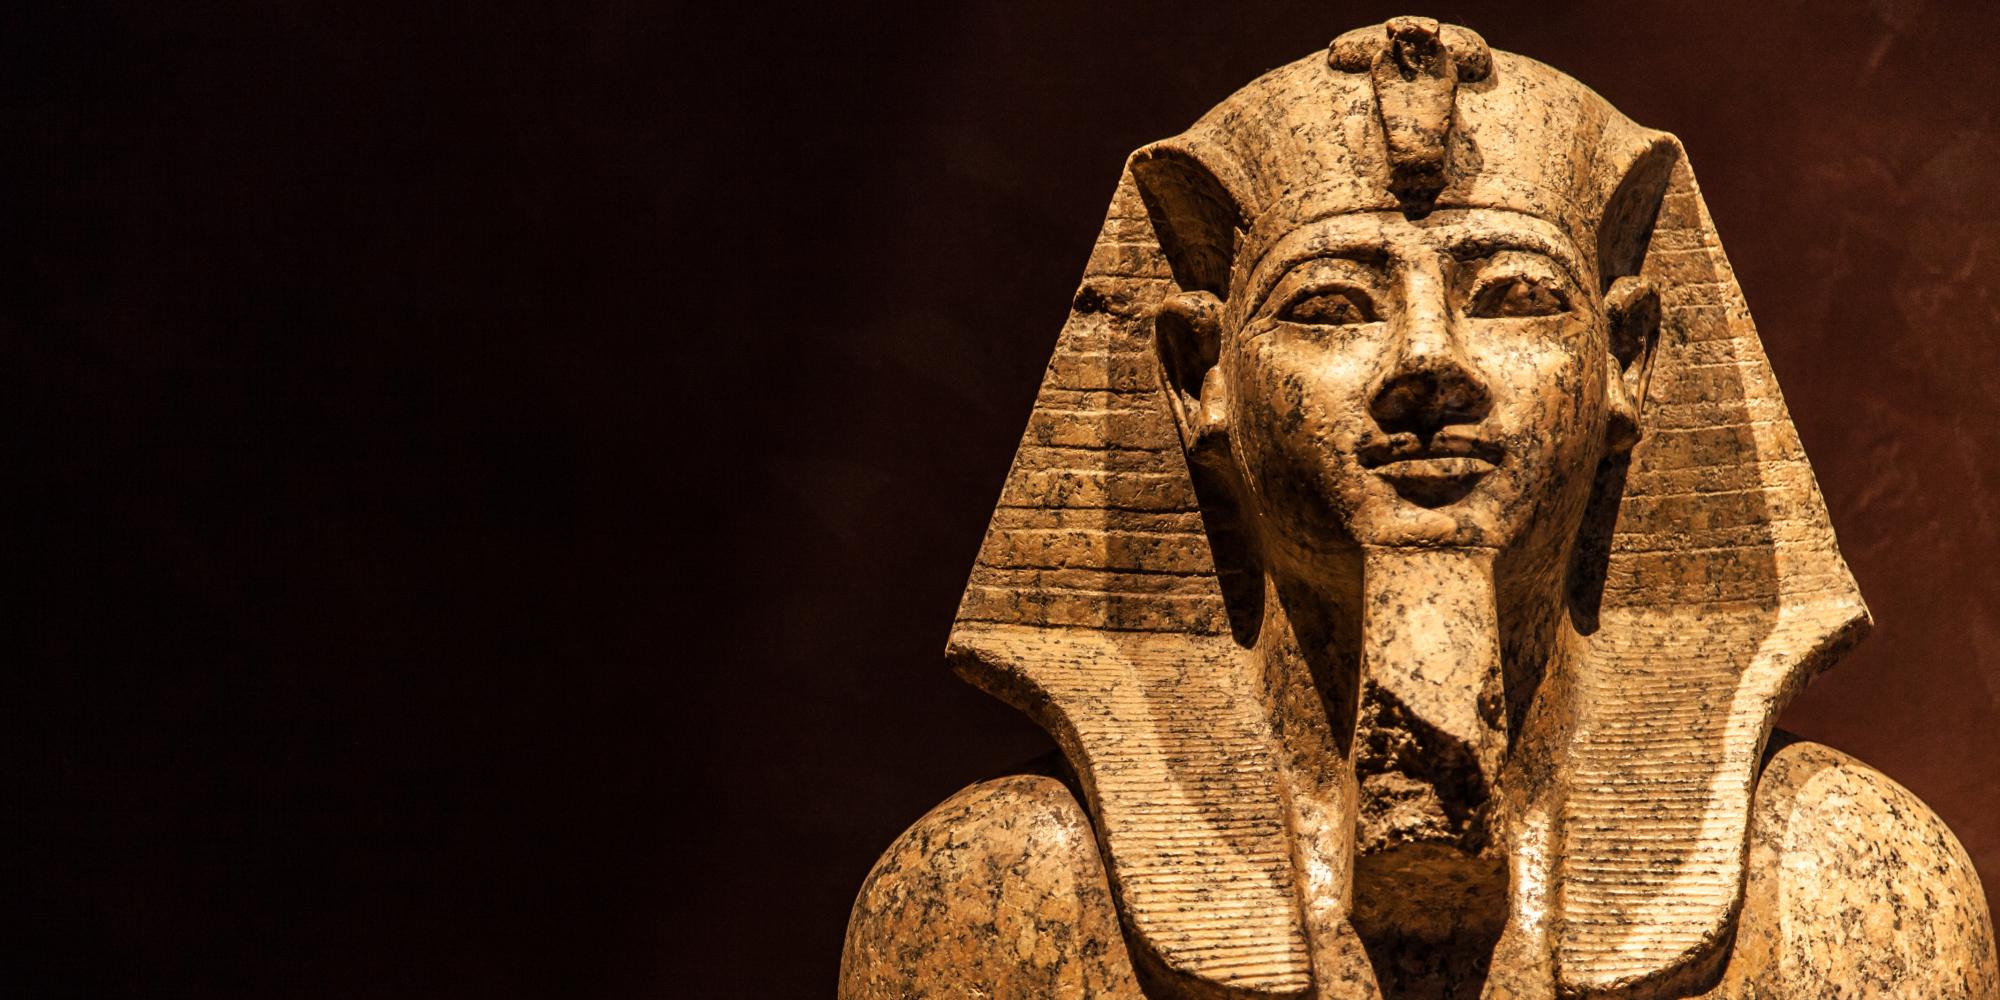 بالصور ما معنى فرعون , تعرف على معنى فرعون 3293 2